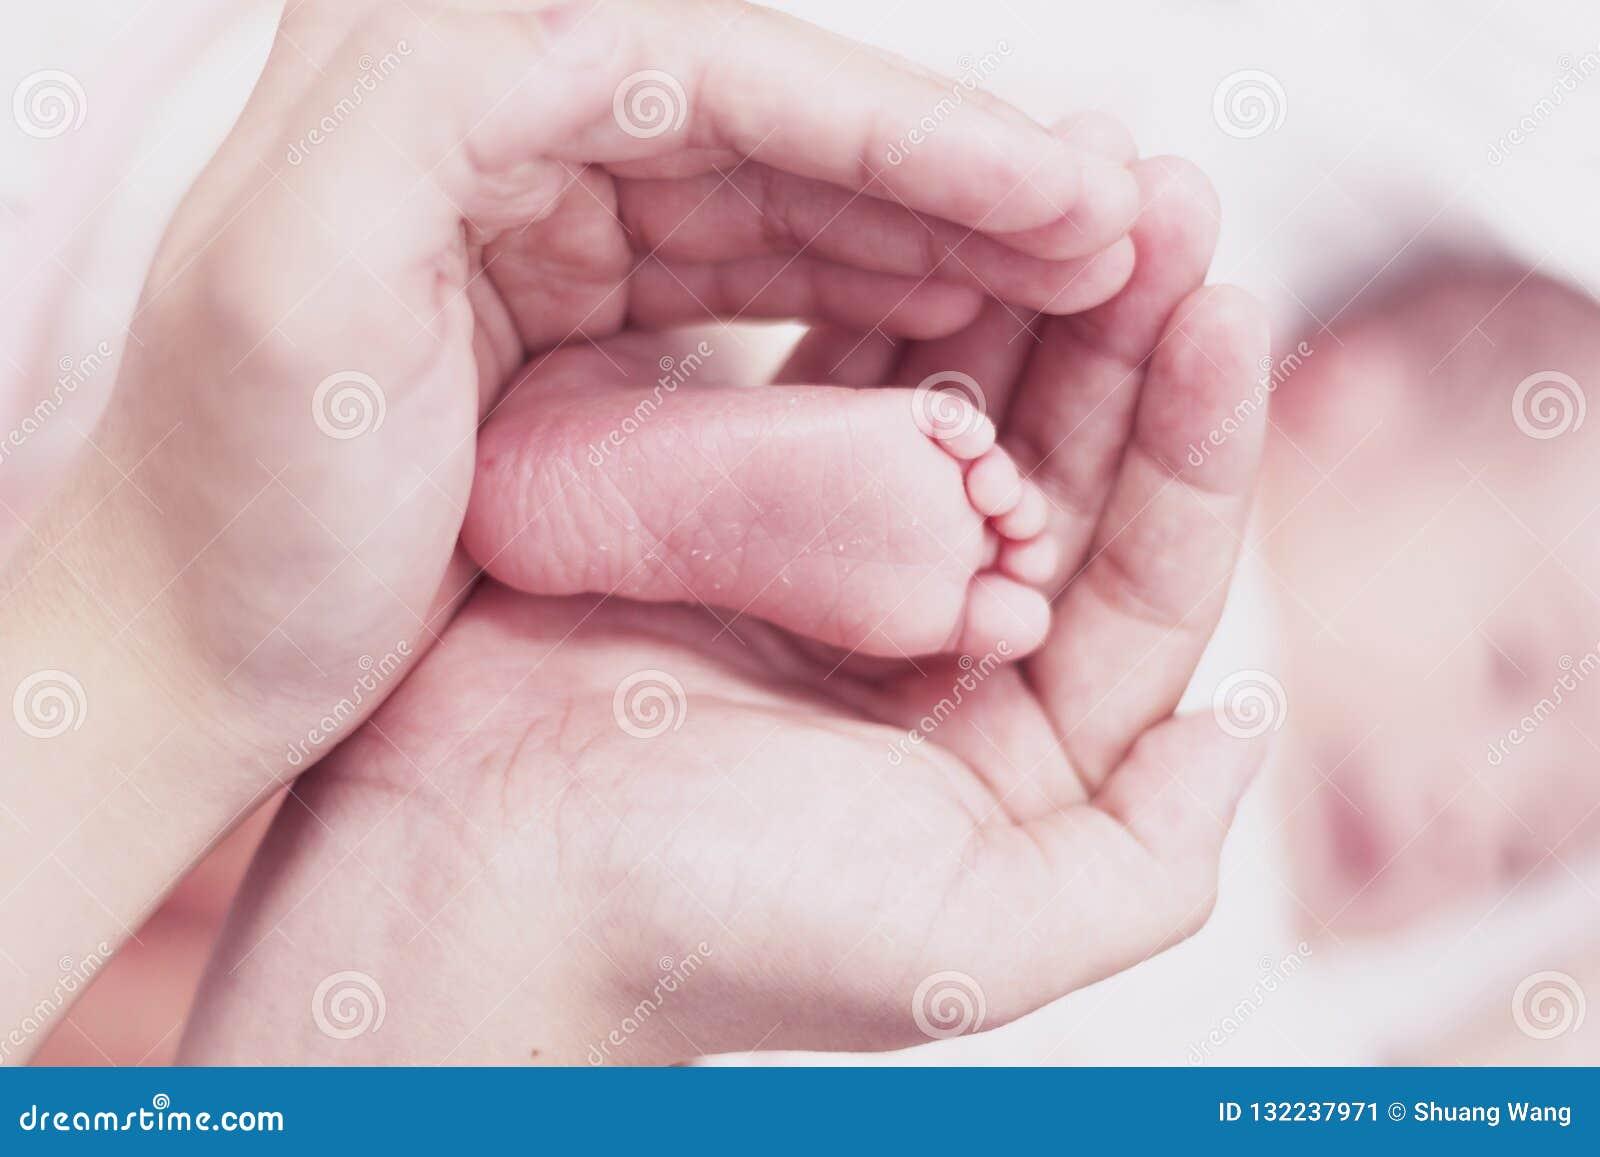 Newborn концепция: дети пугающе и чудесно сделаны